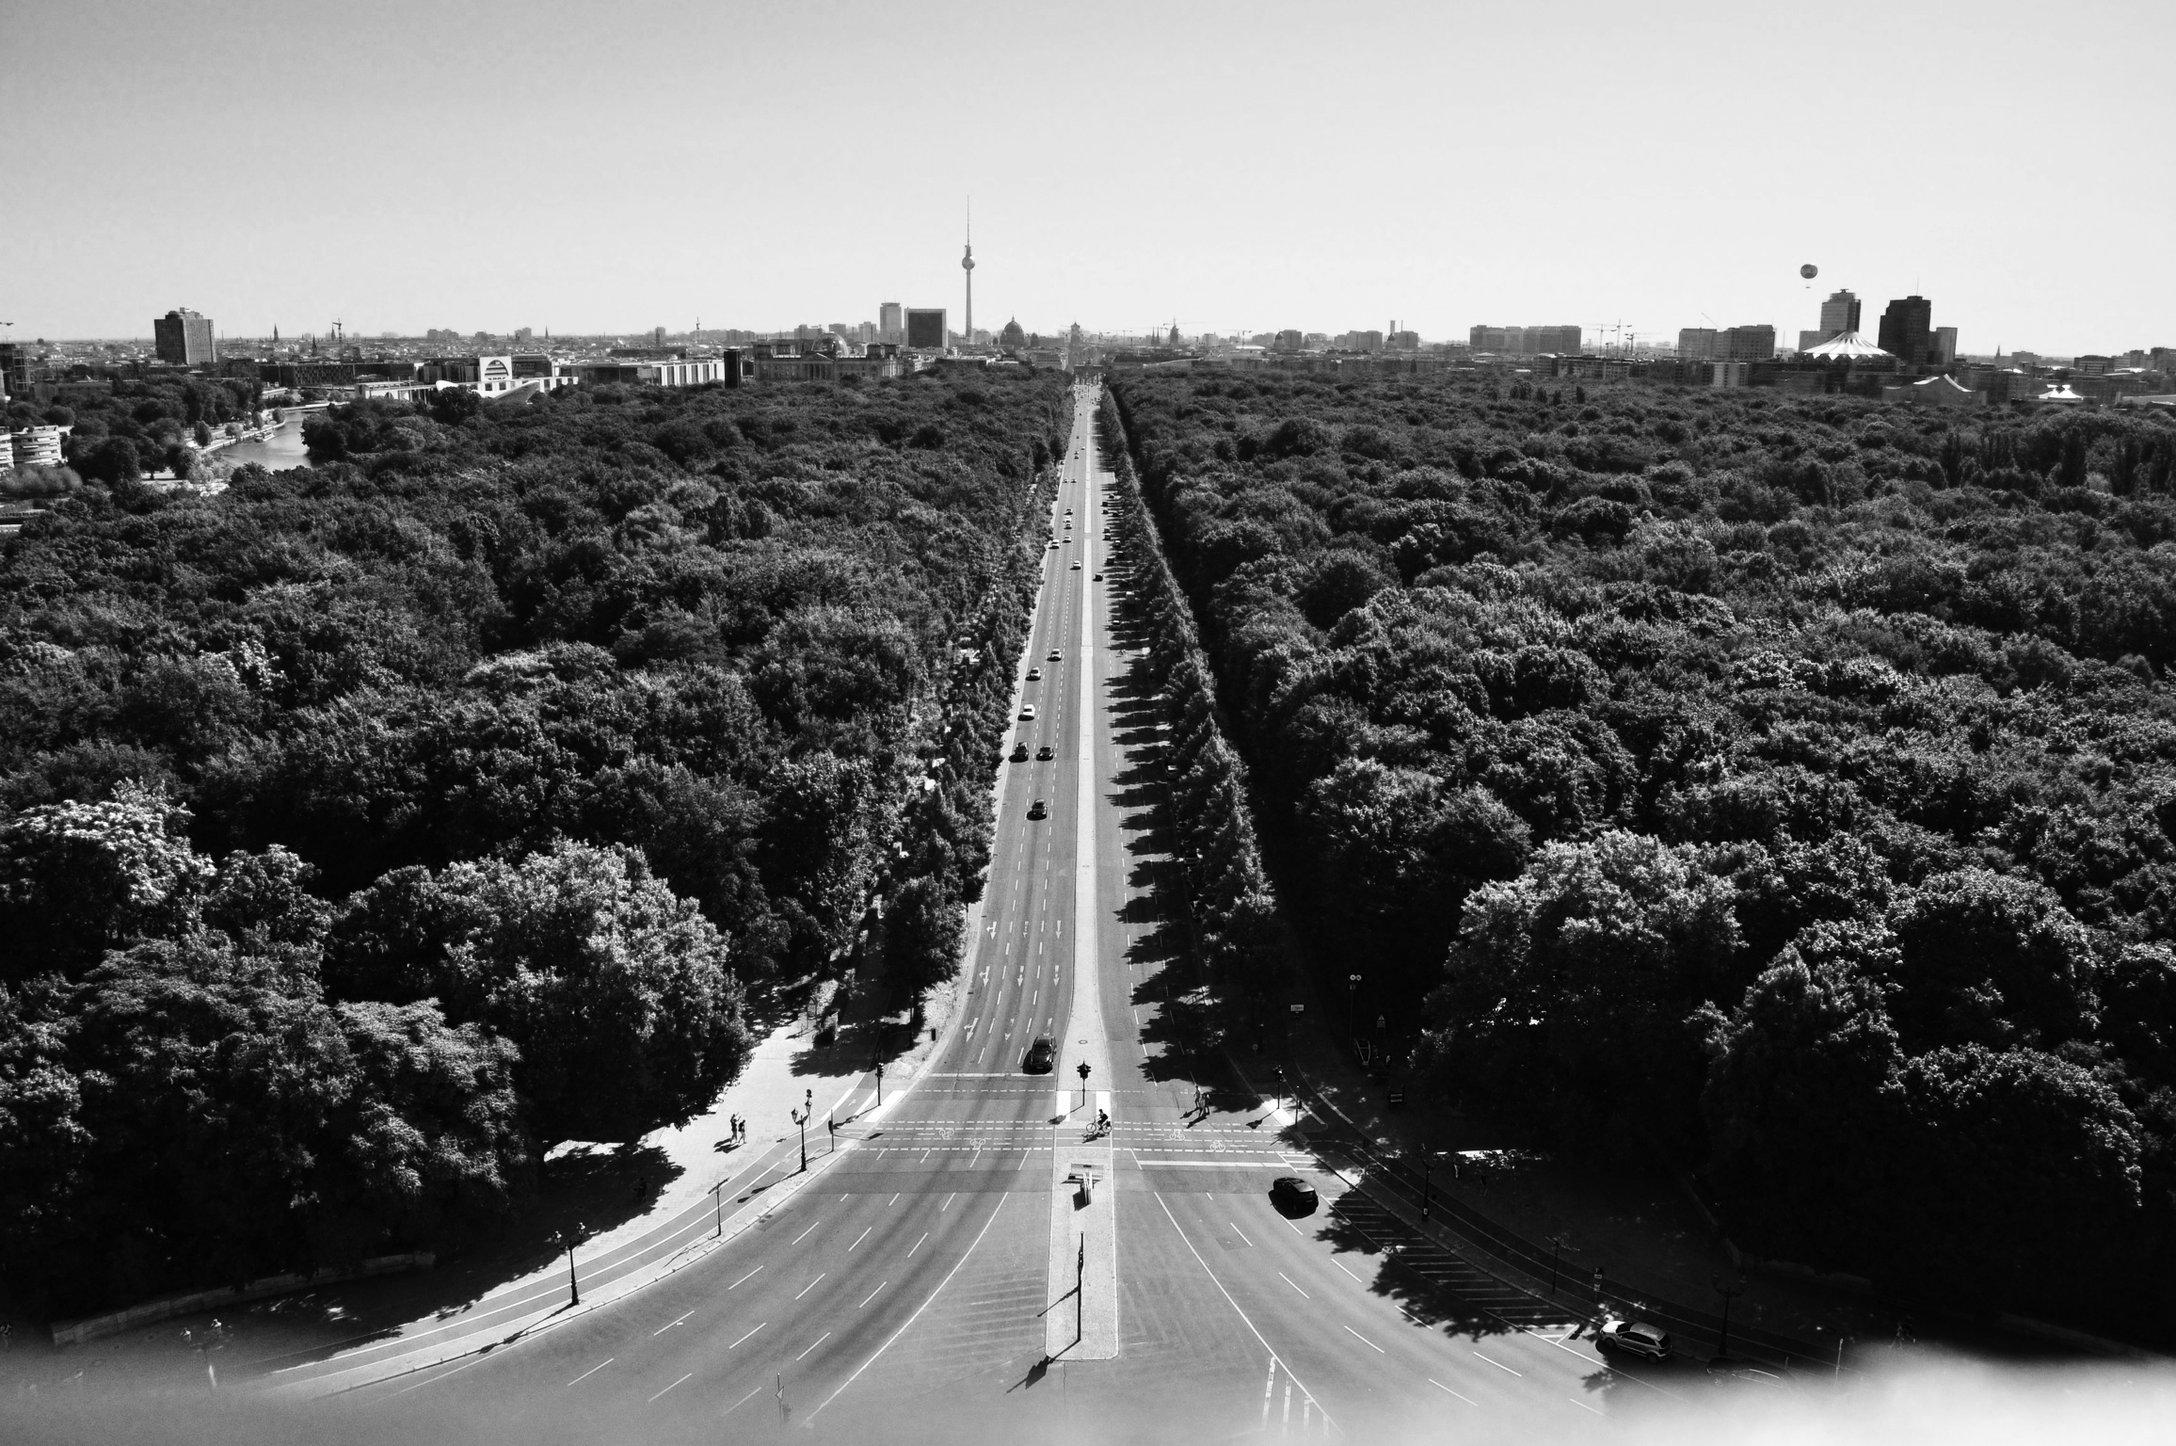 #berlin - looking east